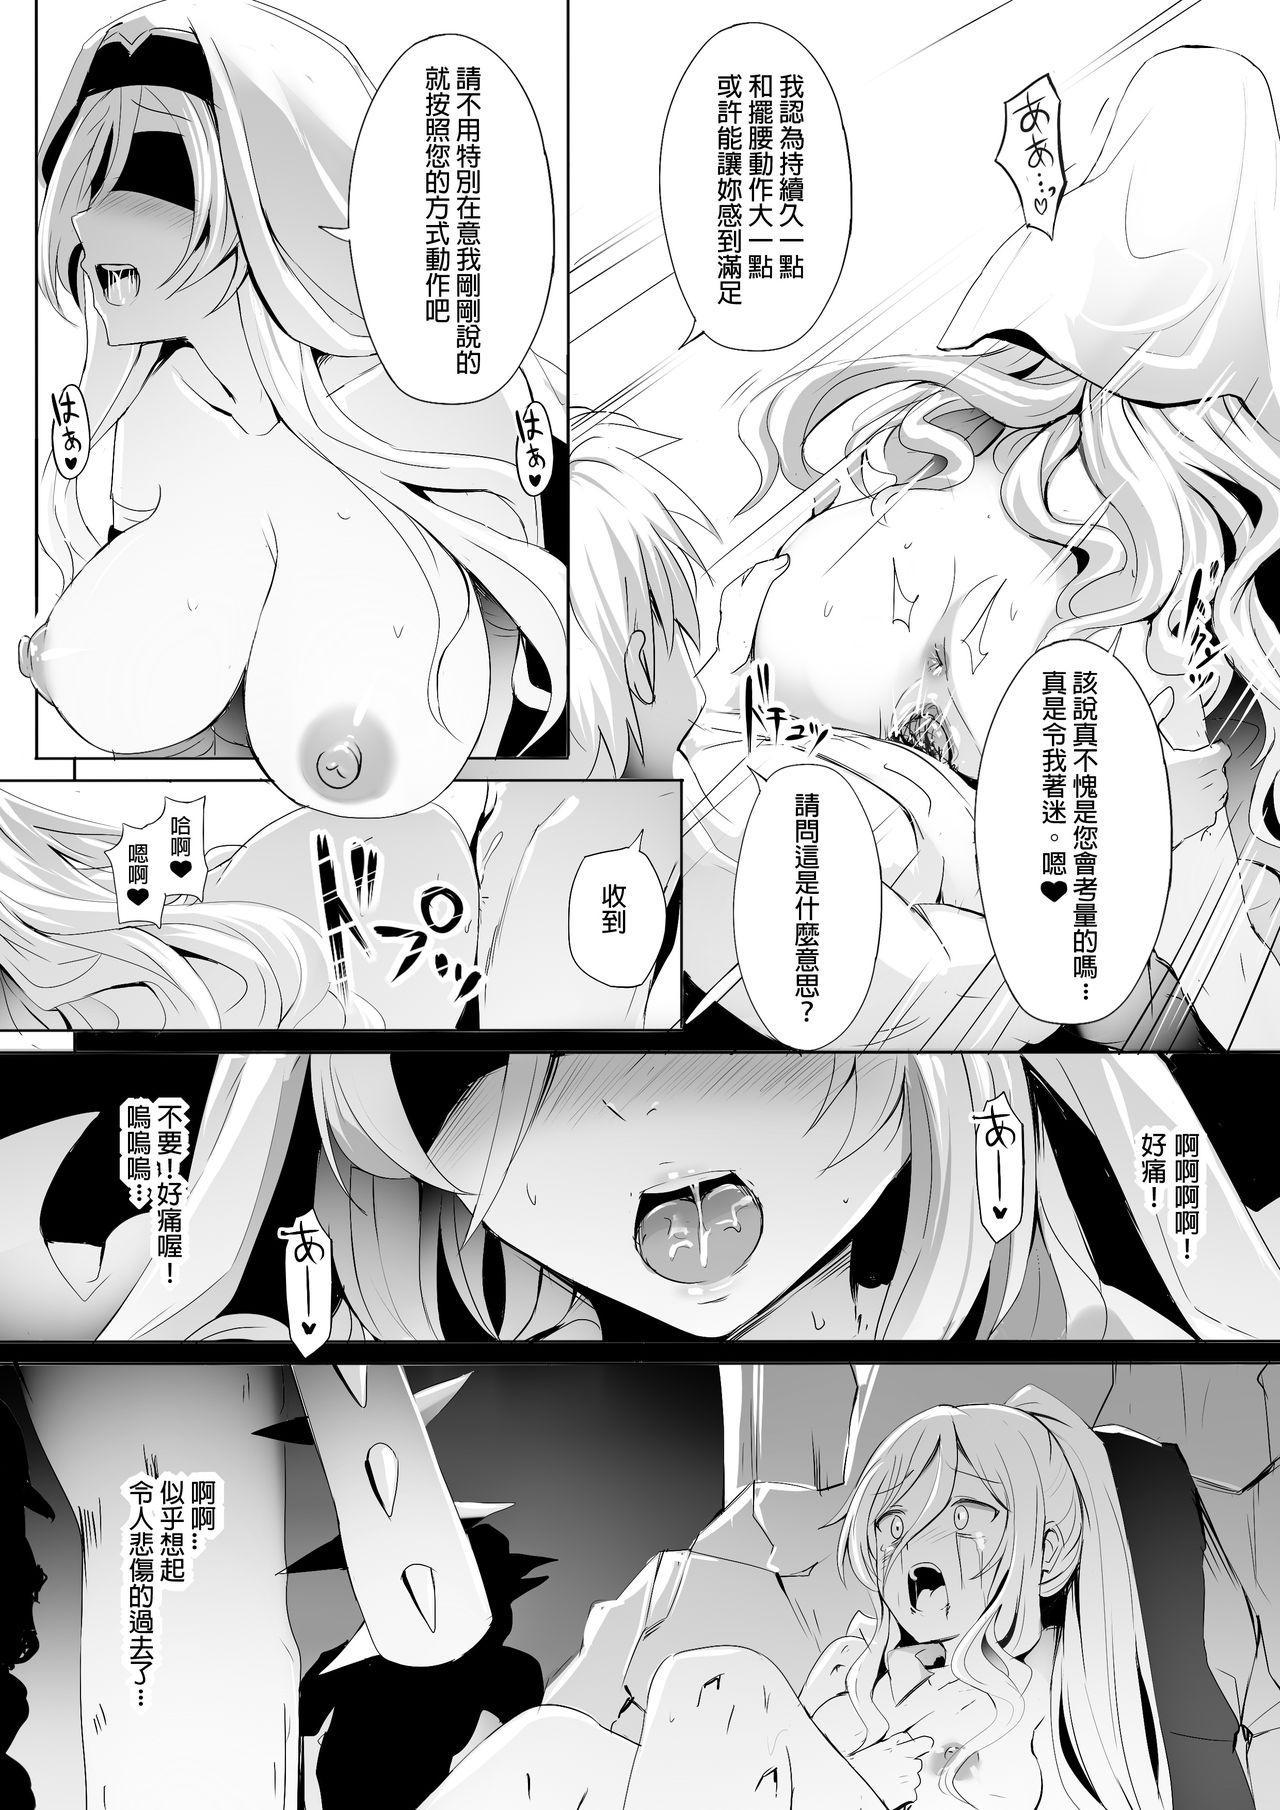 Sei no Daishikyou to Koware Yasui Otome 10